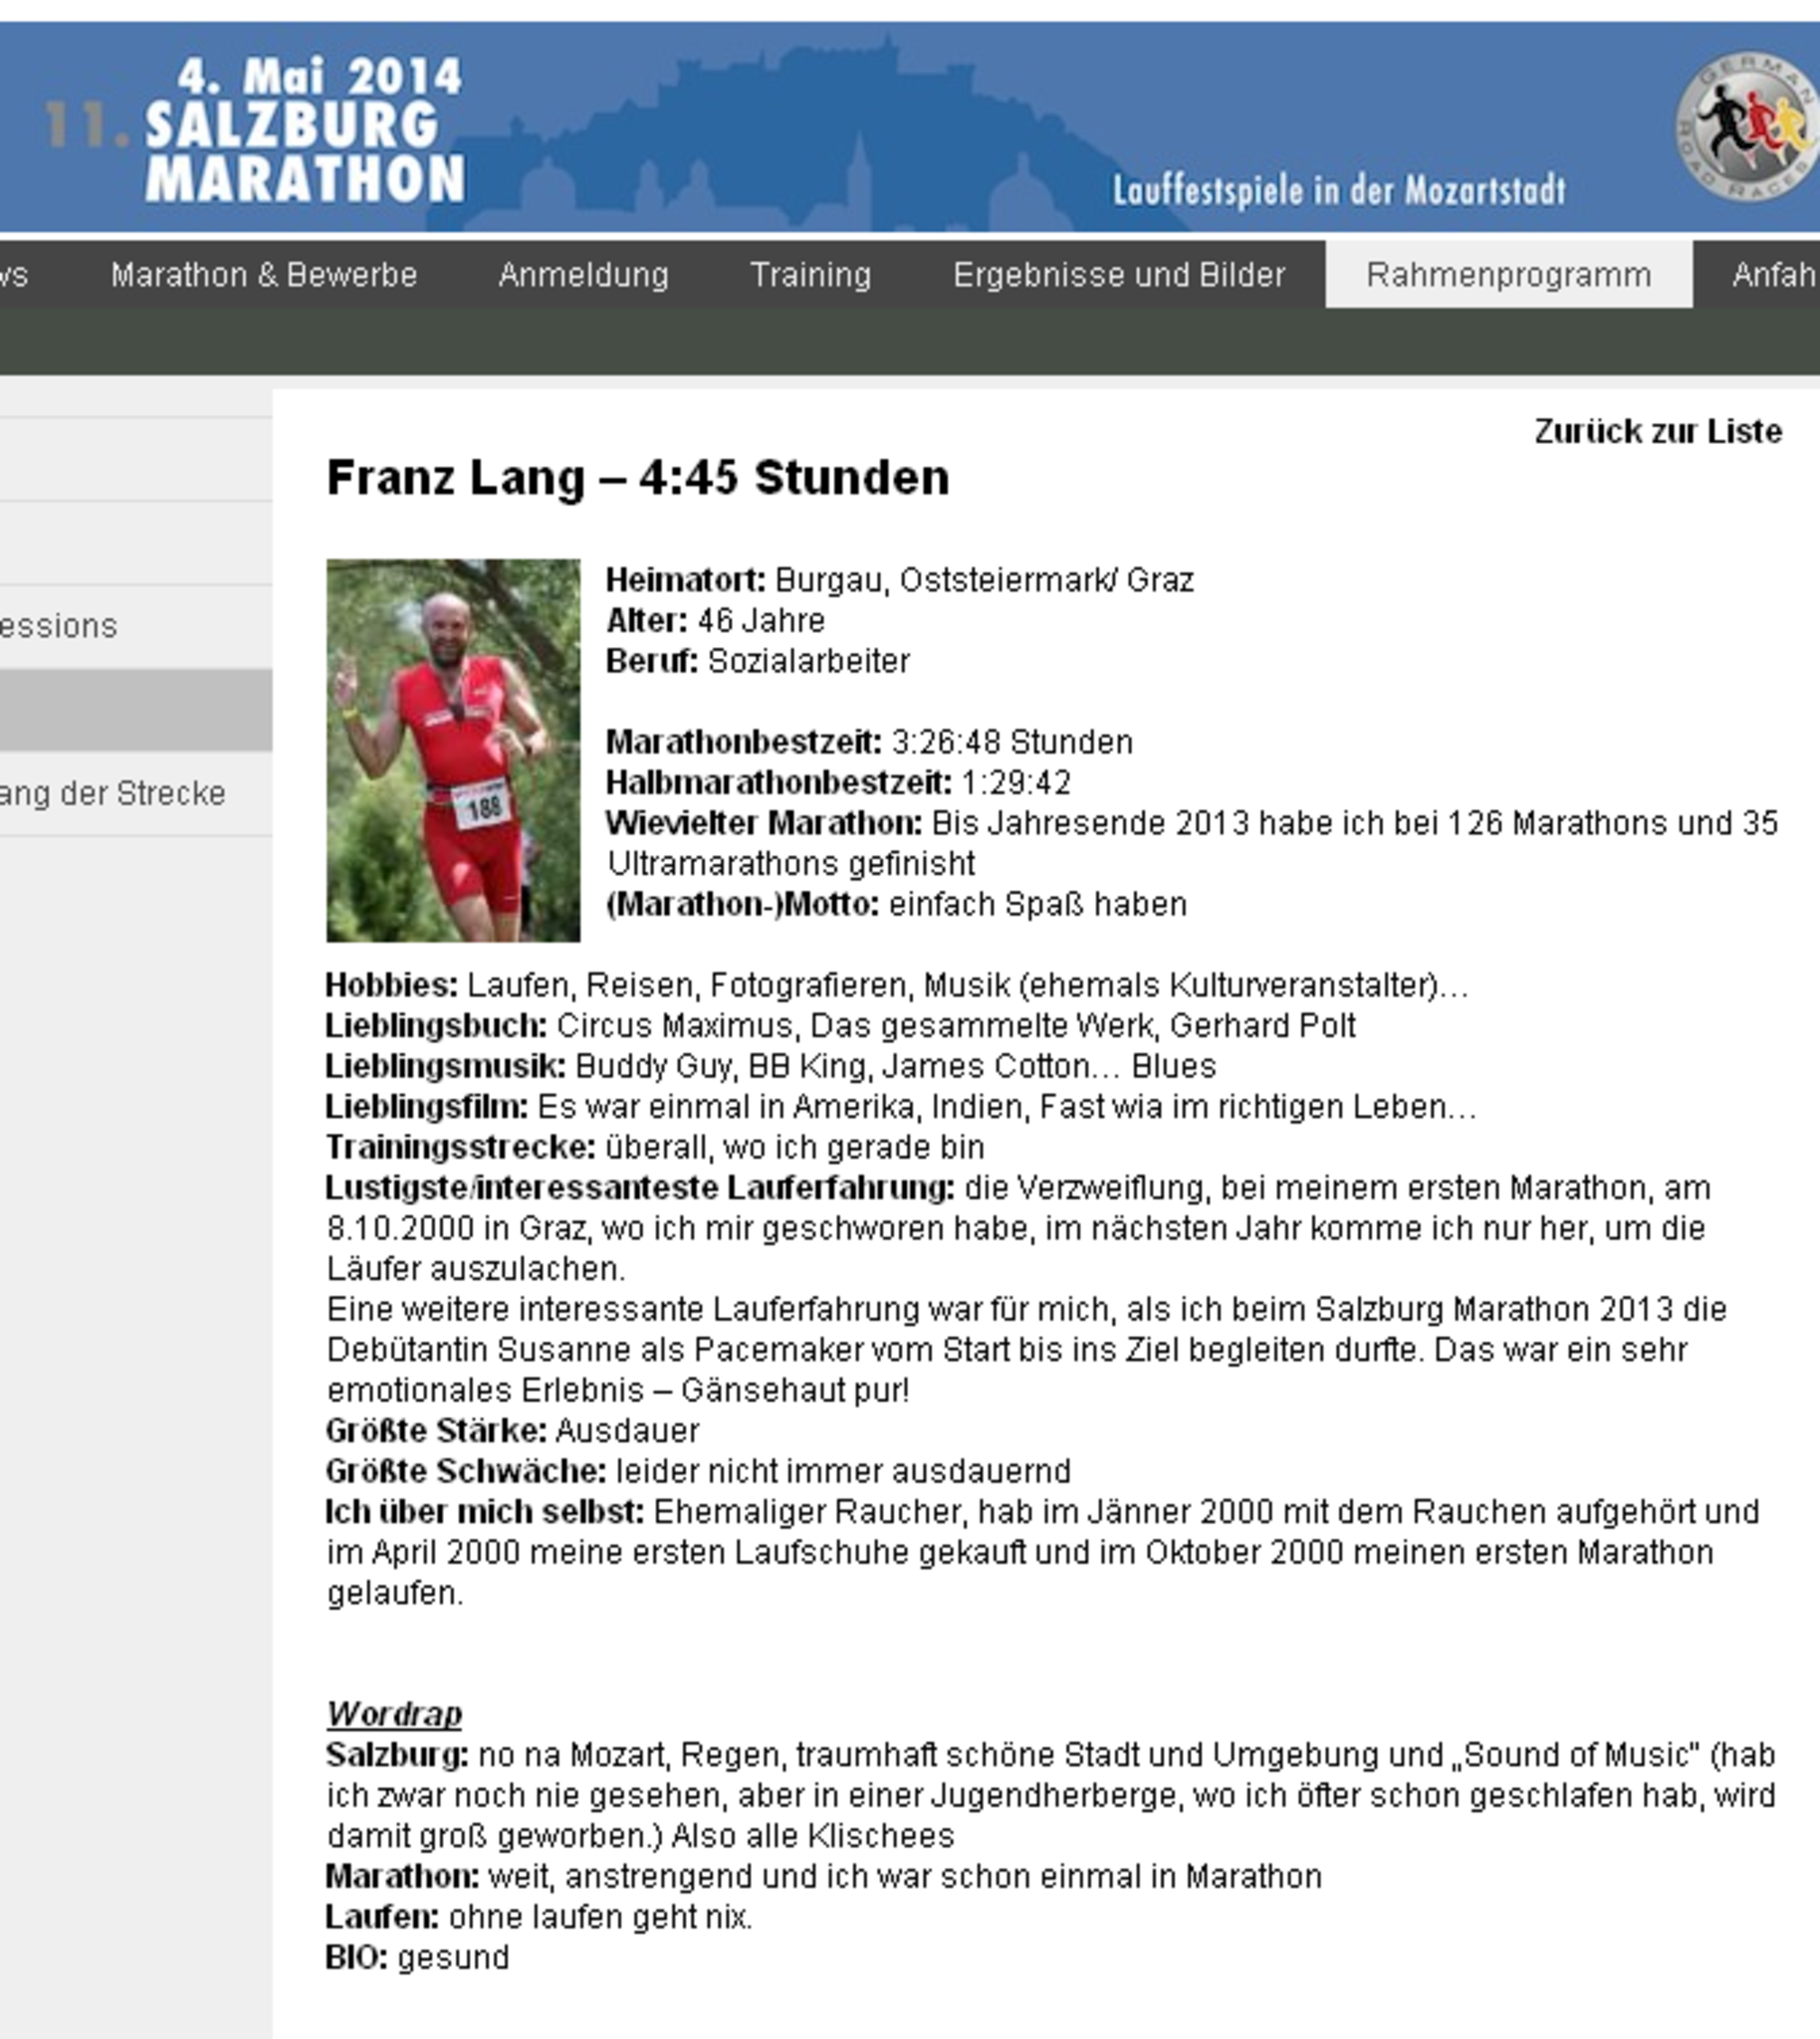 Vorschau: Salzburg Marathon, Pacemaker